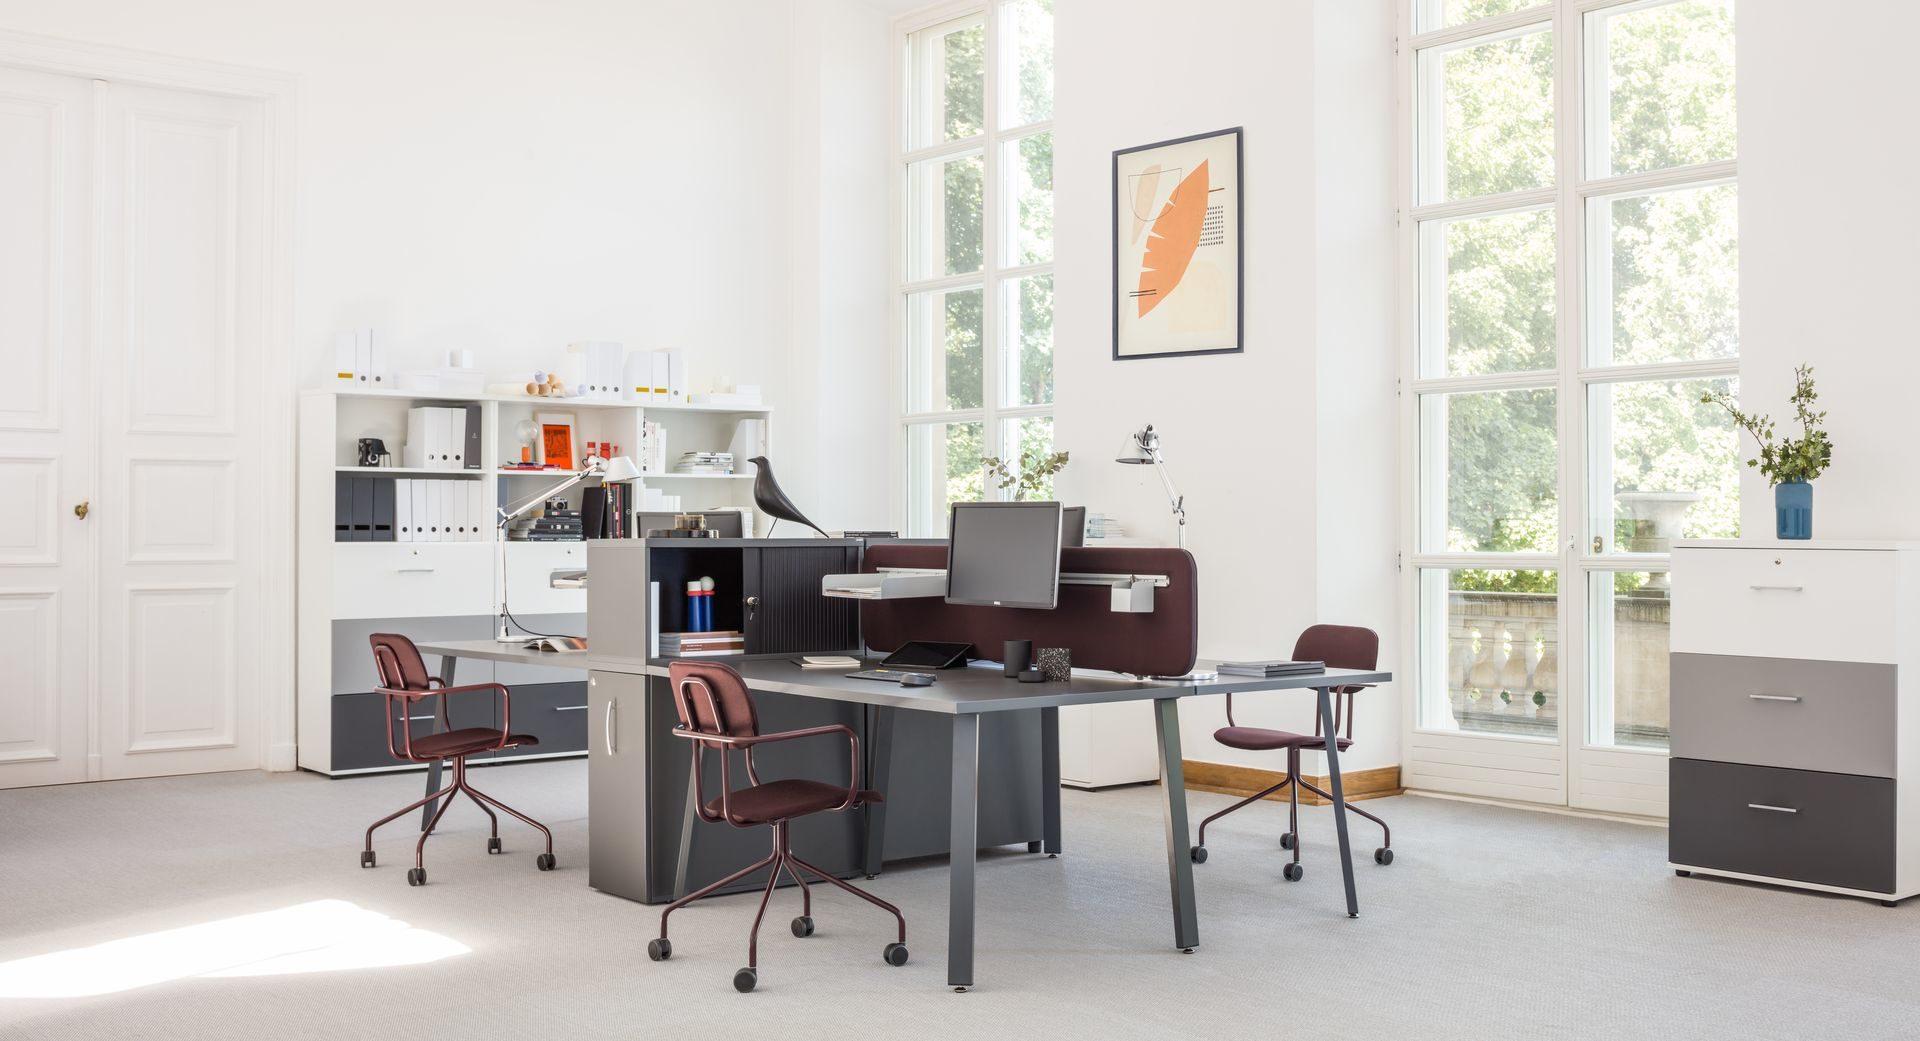 Meuble Sur Mesure Bordeaux mobilier de bureau | work mobilier